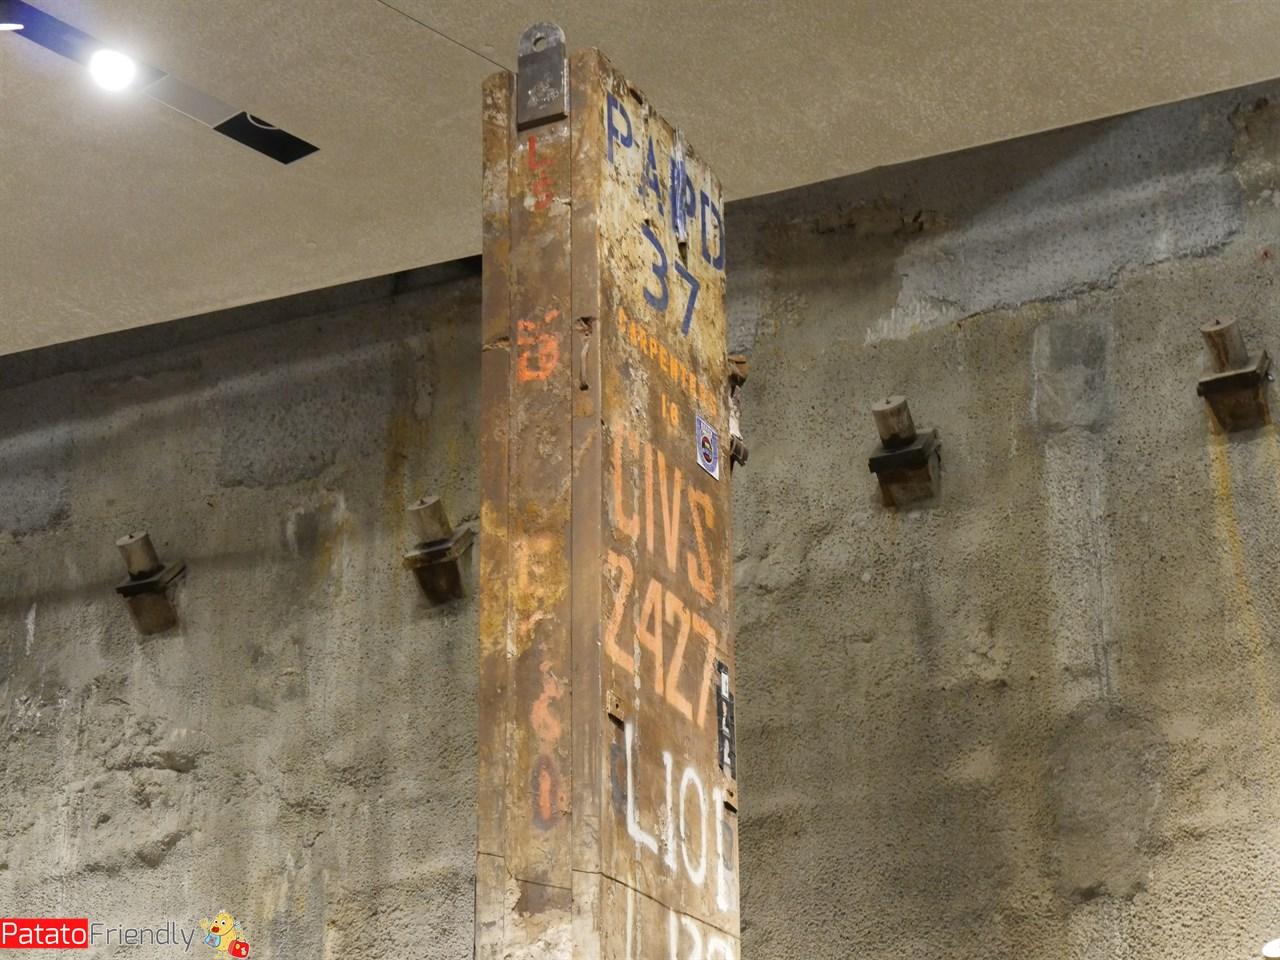 Visita al museo dell'attentato di New York